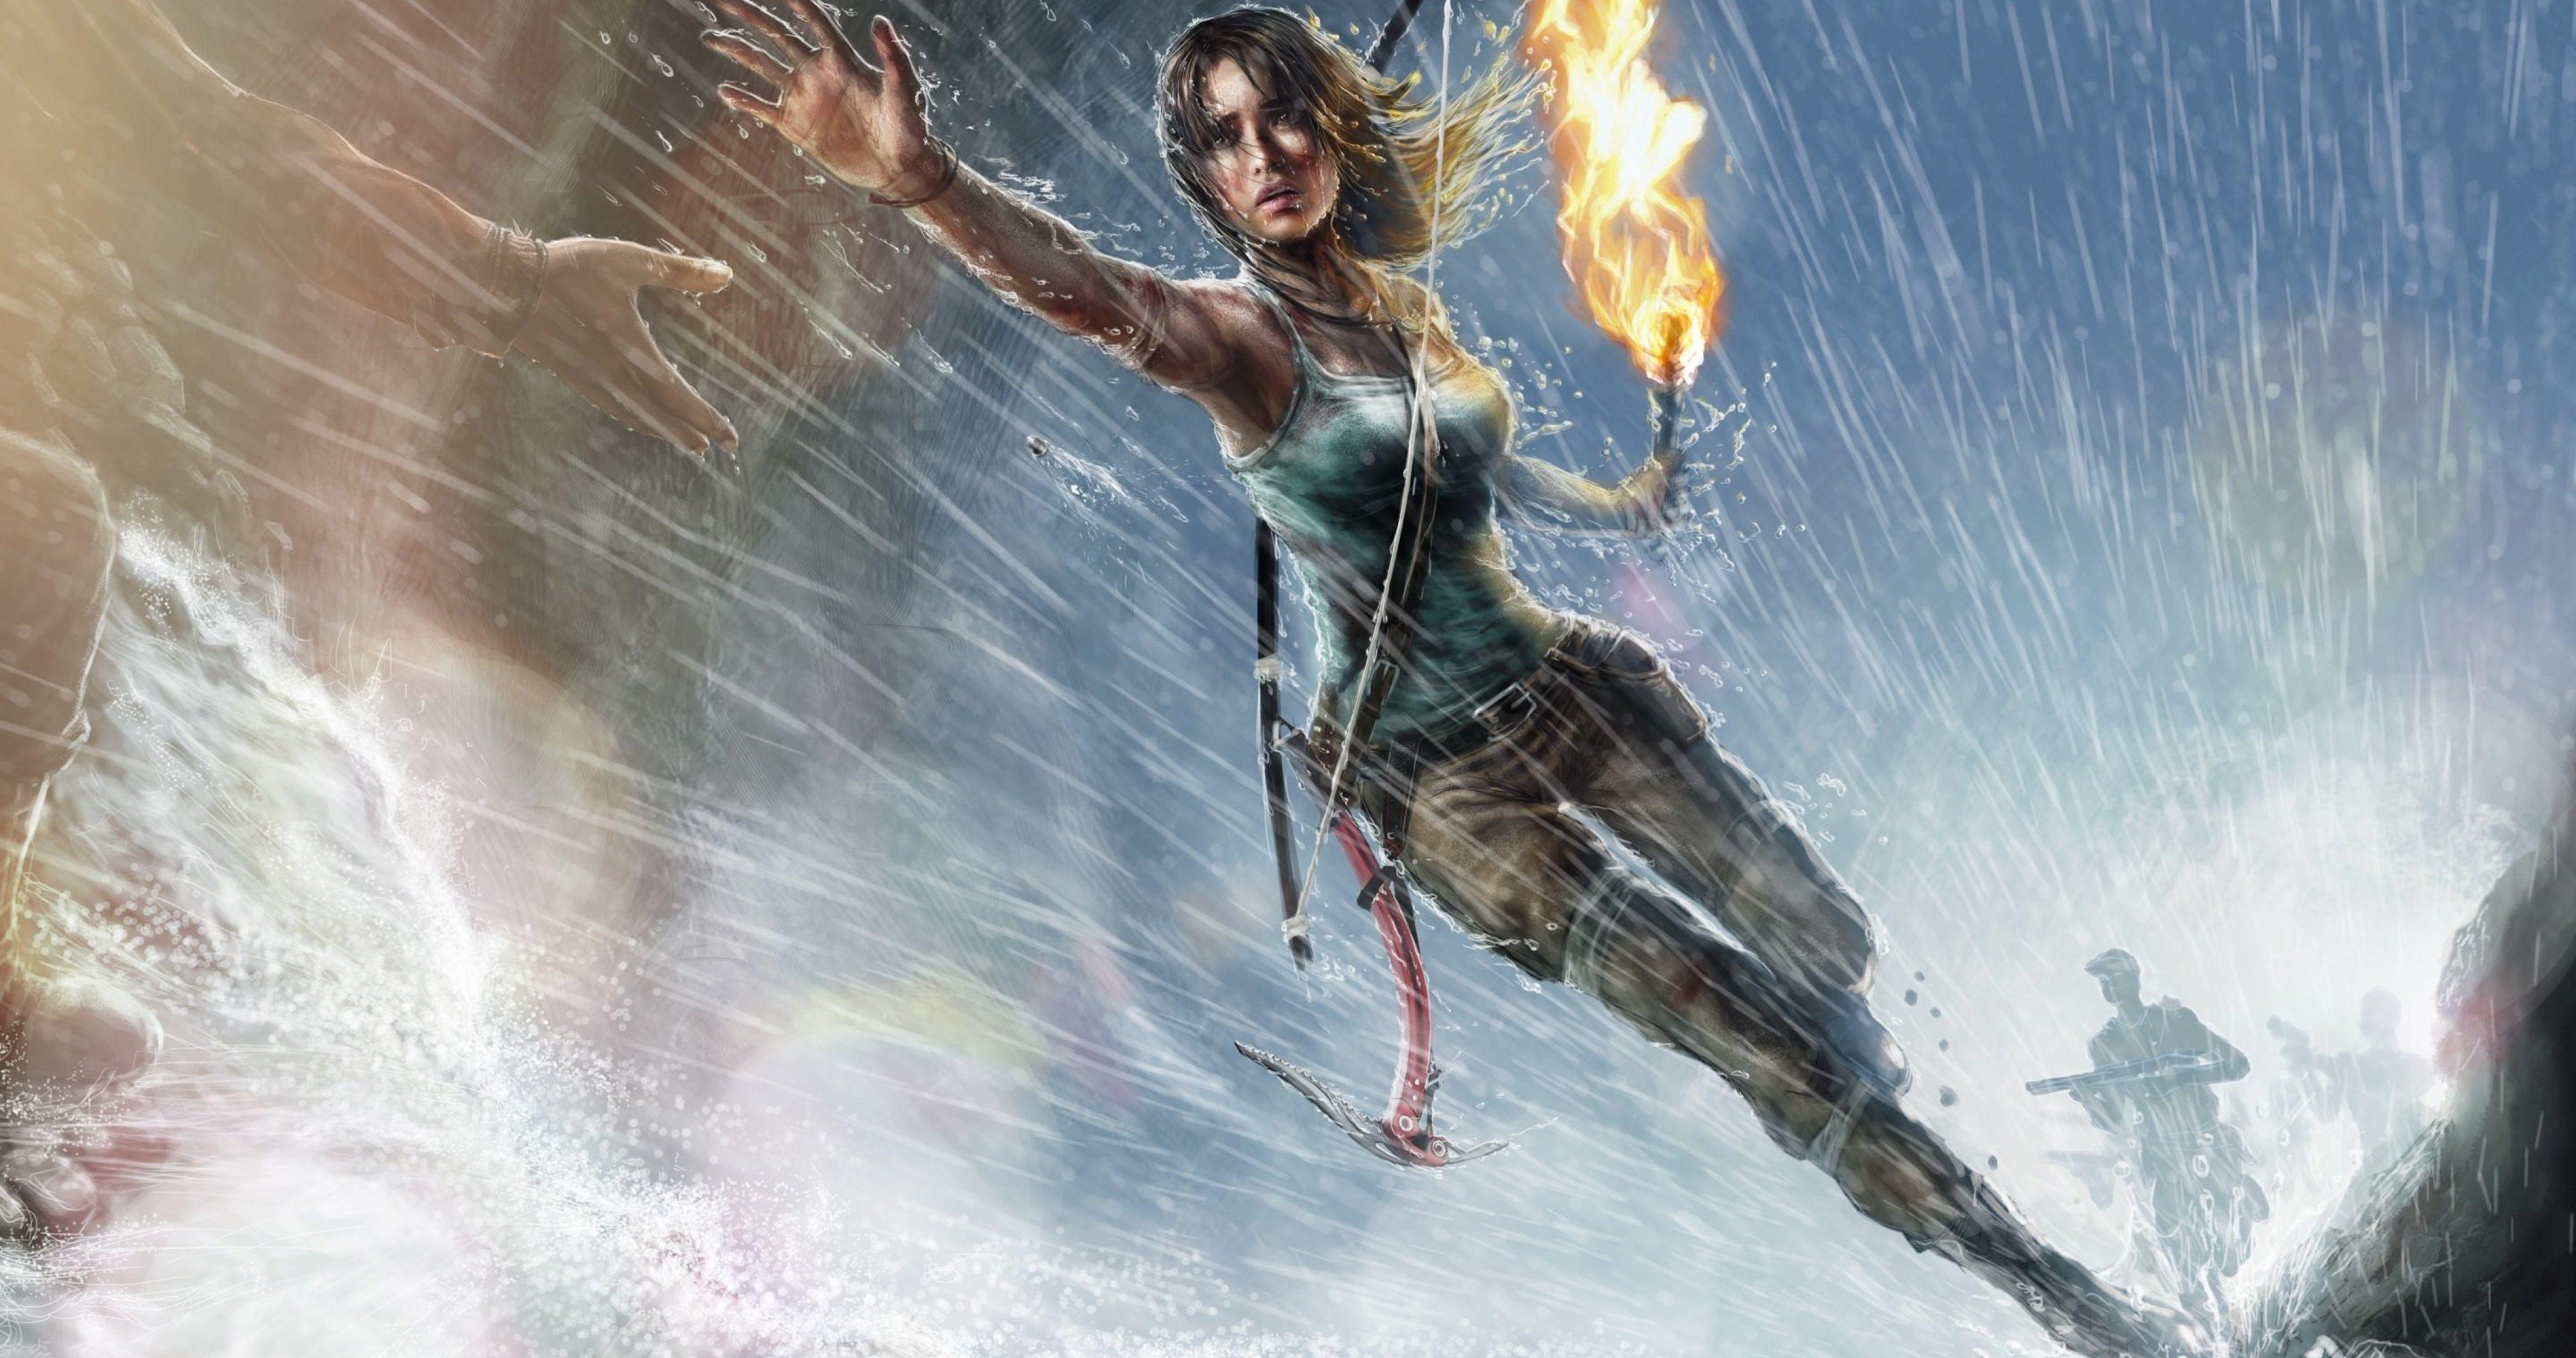 Tomb Raider Game Wallpaper Hd 4k Ultra Hd Wallpaper Tomb Raider Art Tomb Raider Wallpaper Tomb Raider